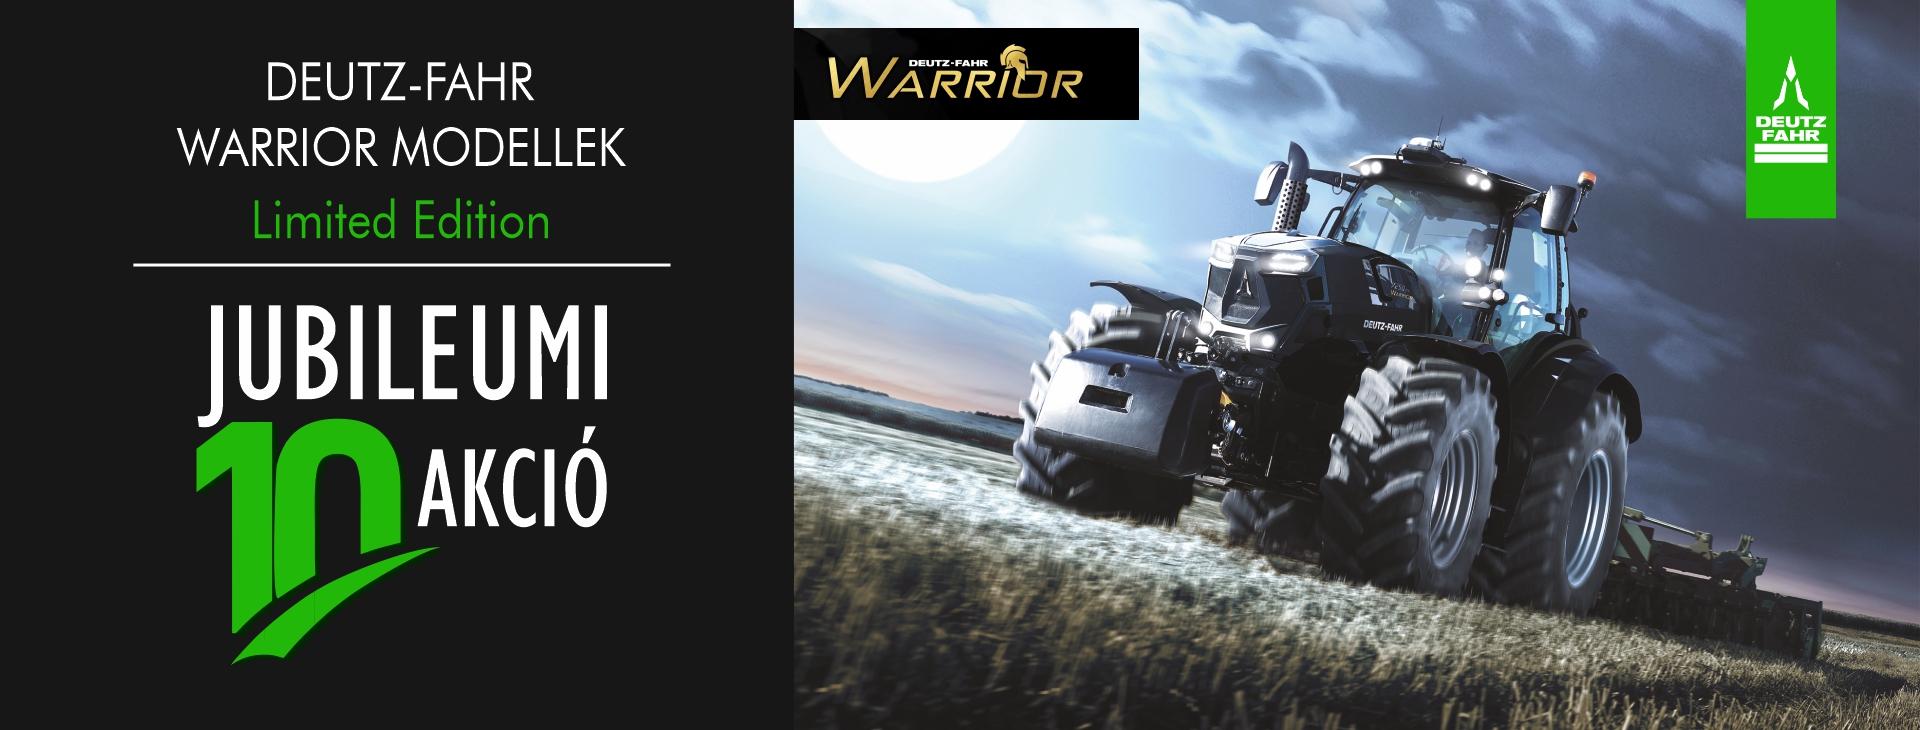 deutz jubileum gépek warrior.jpg